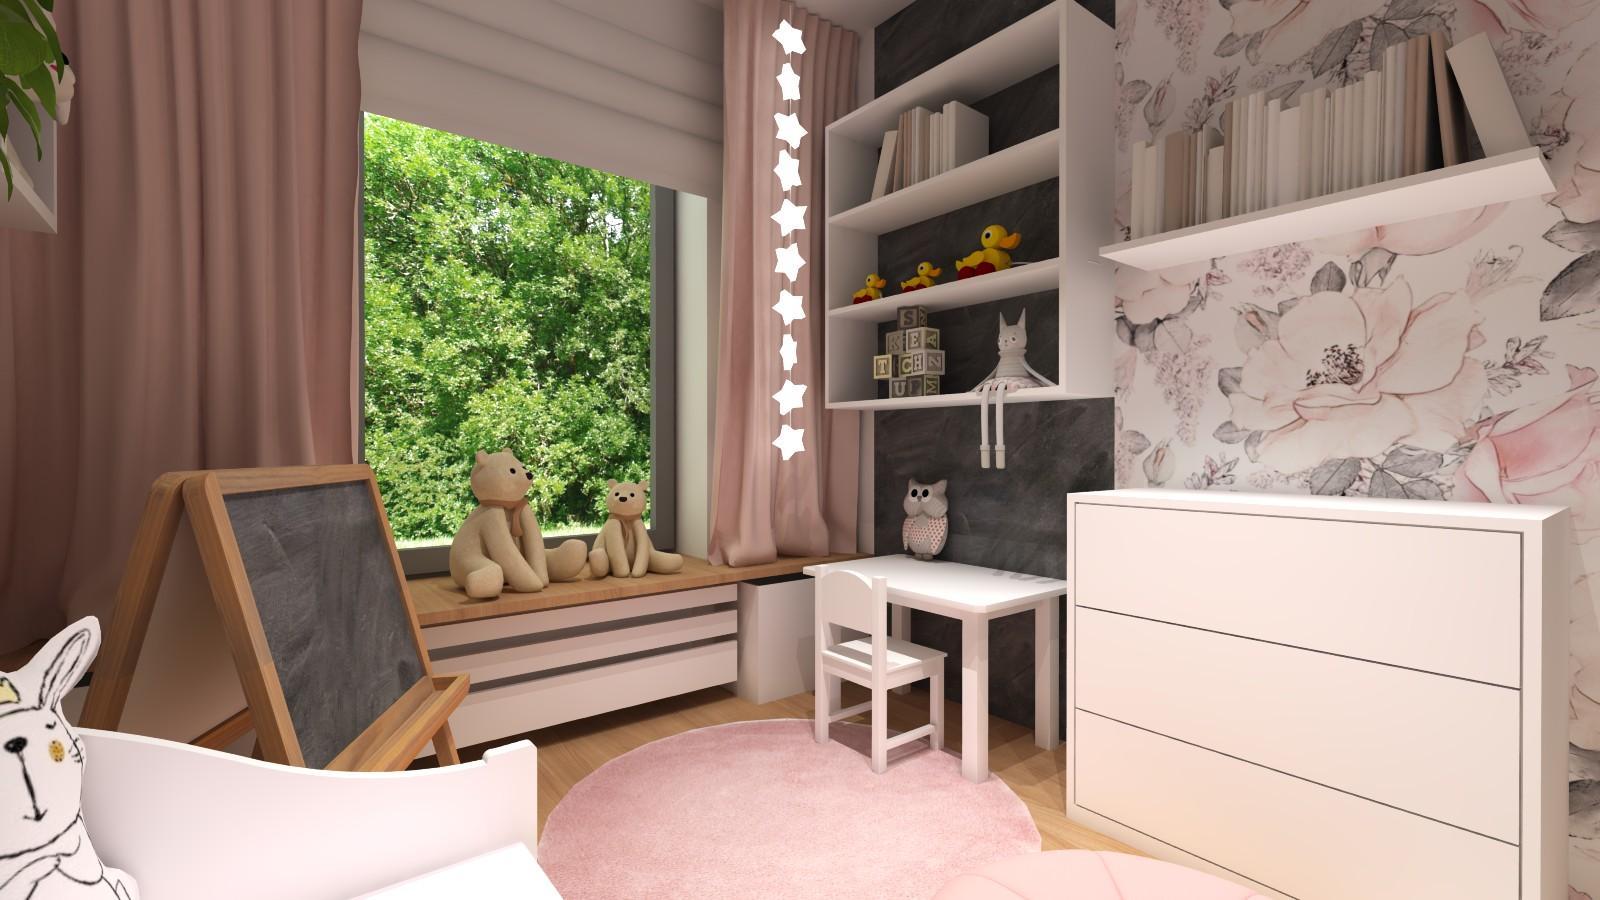 pokoj-dziewczynki-rozowe-motywy-biala-szafa-polki-lozko-z-szufladami-2